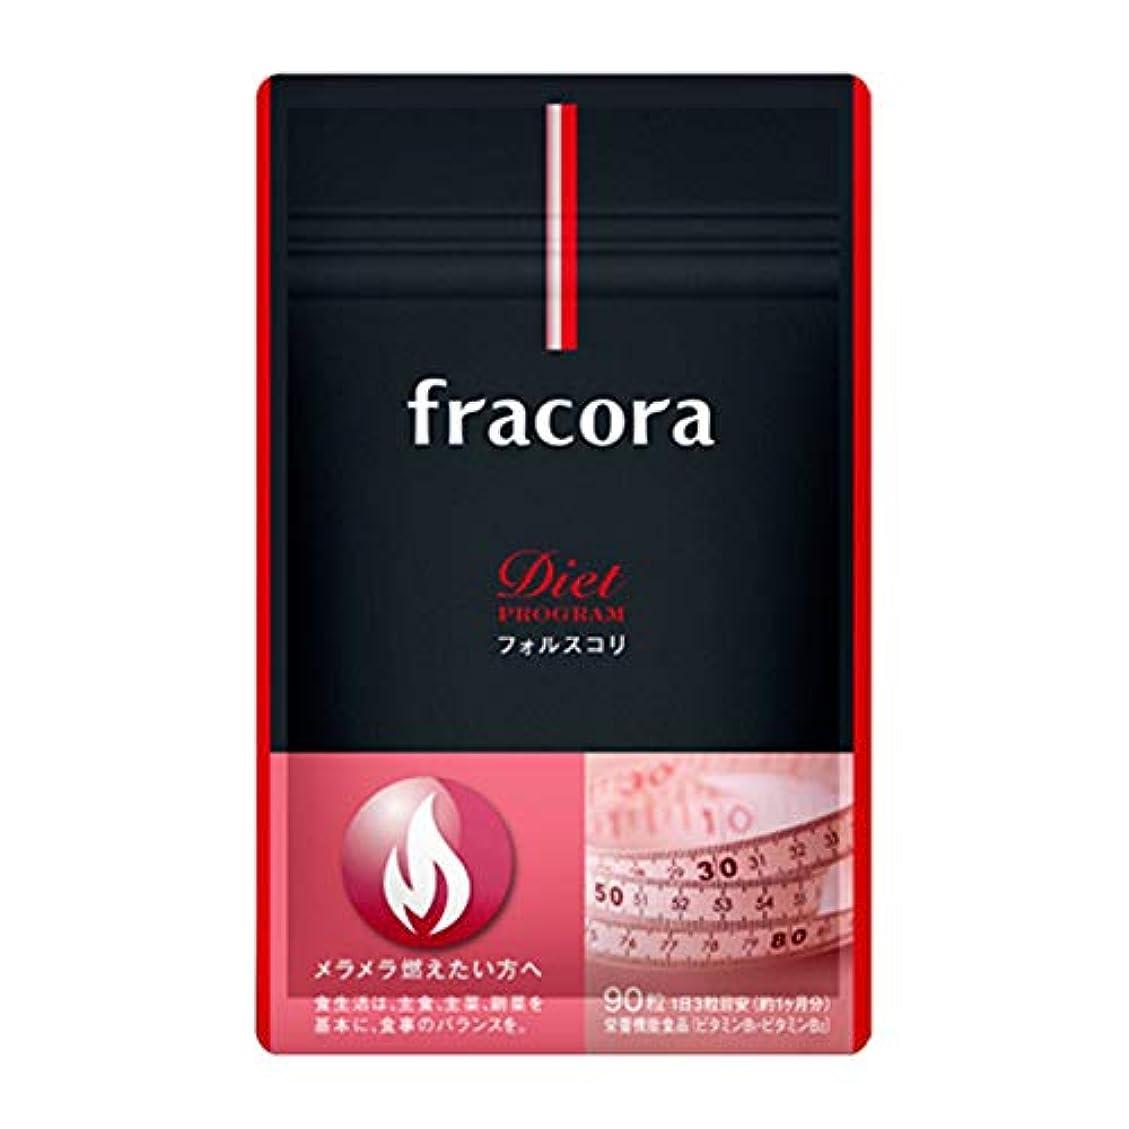 リングレット解釈的航海のfracora(フラコラ) ダイエットプログラム フォルスコリ 90粒